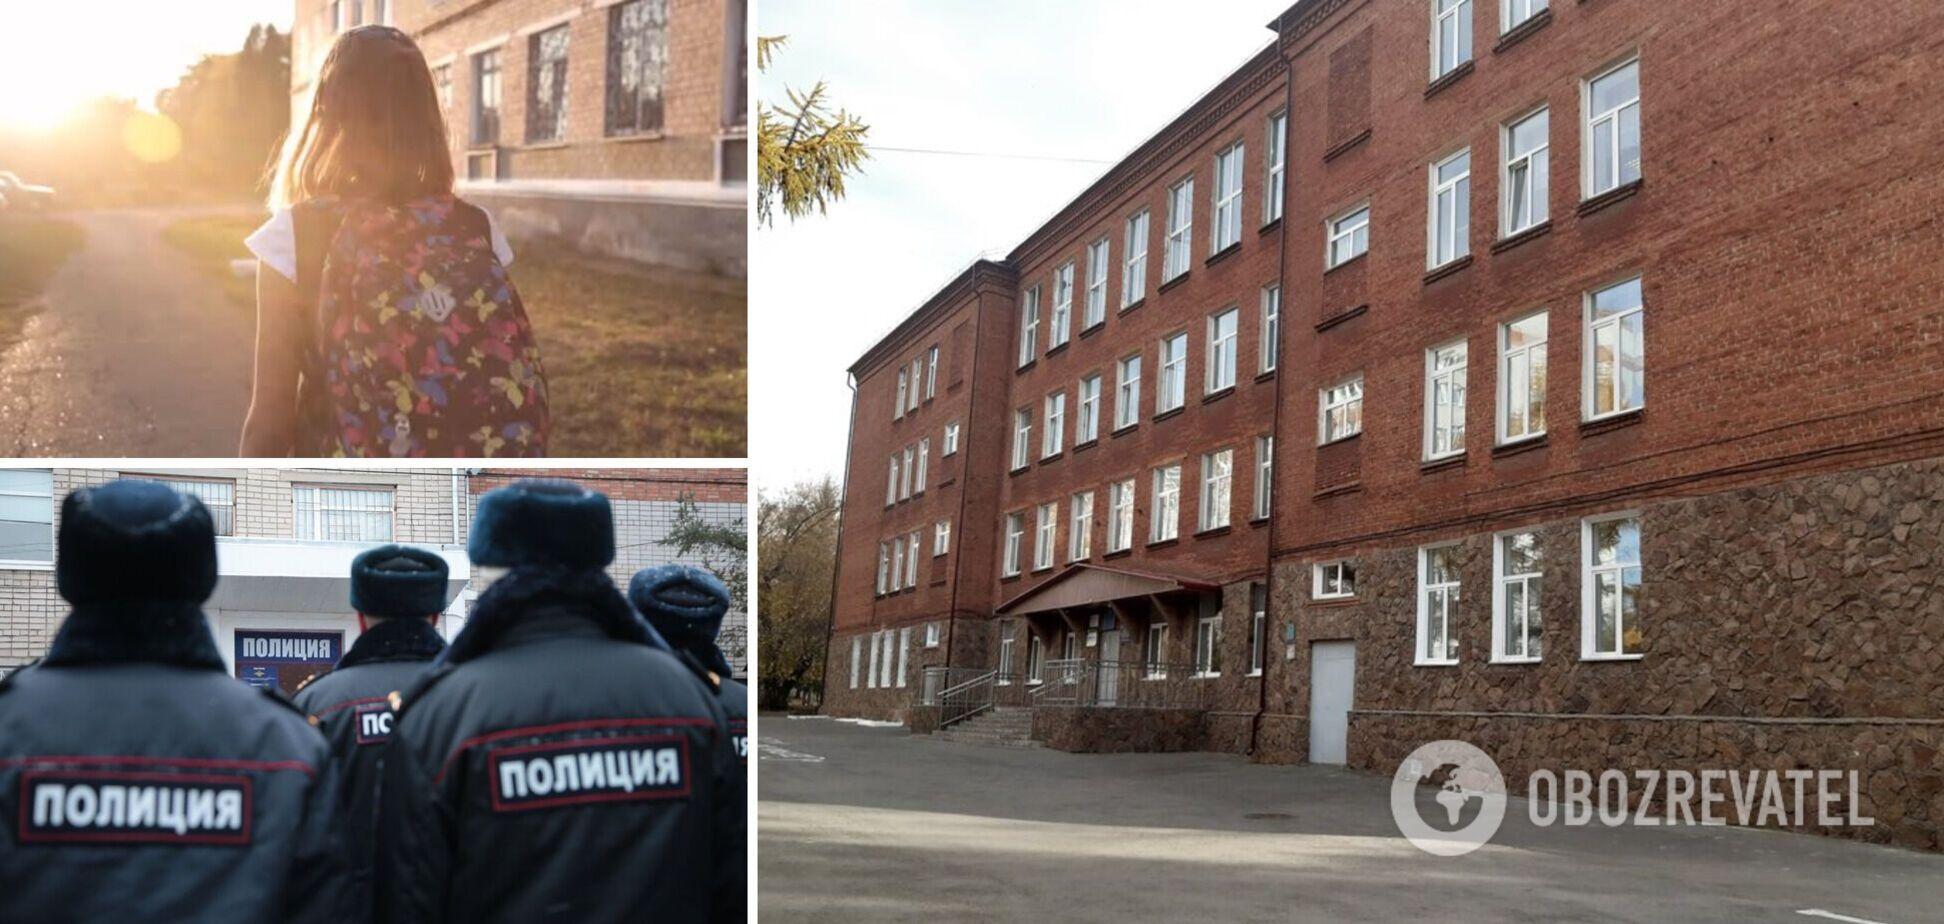 В России школьница планировала взорвать свою школу: успела изготовить 'бомбы'